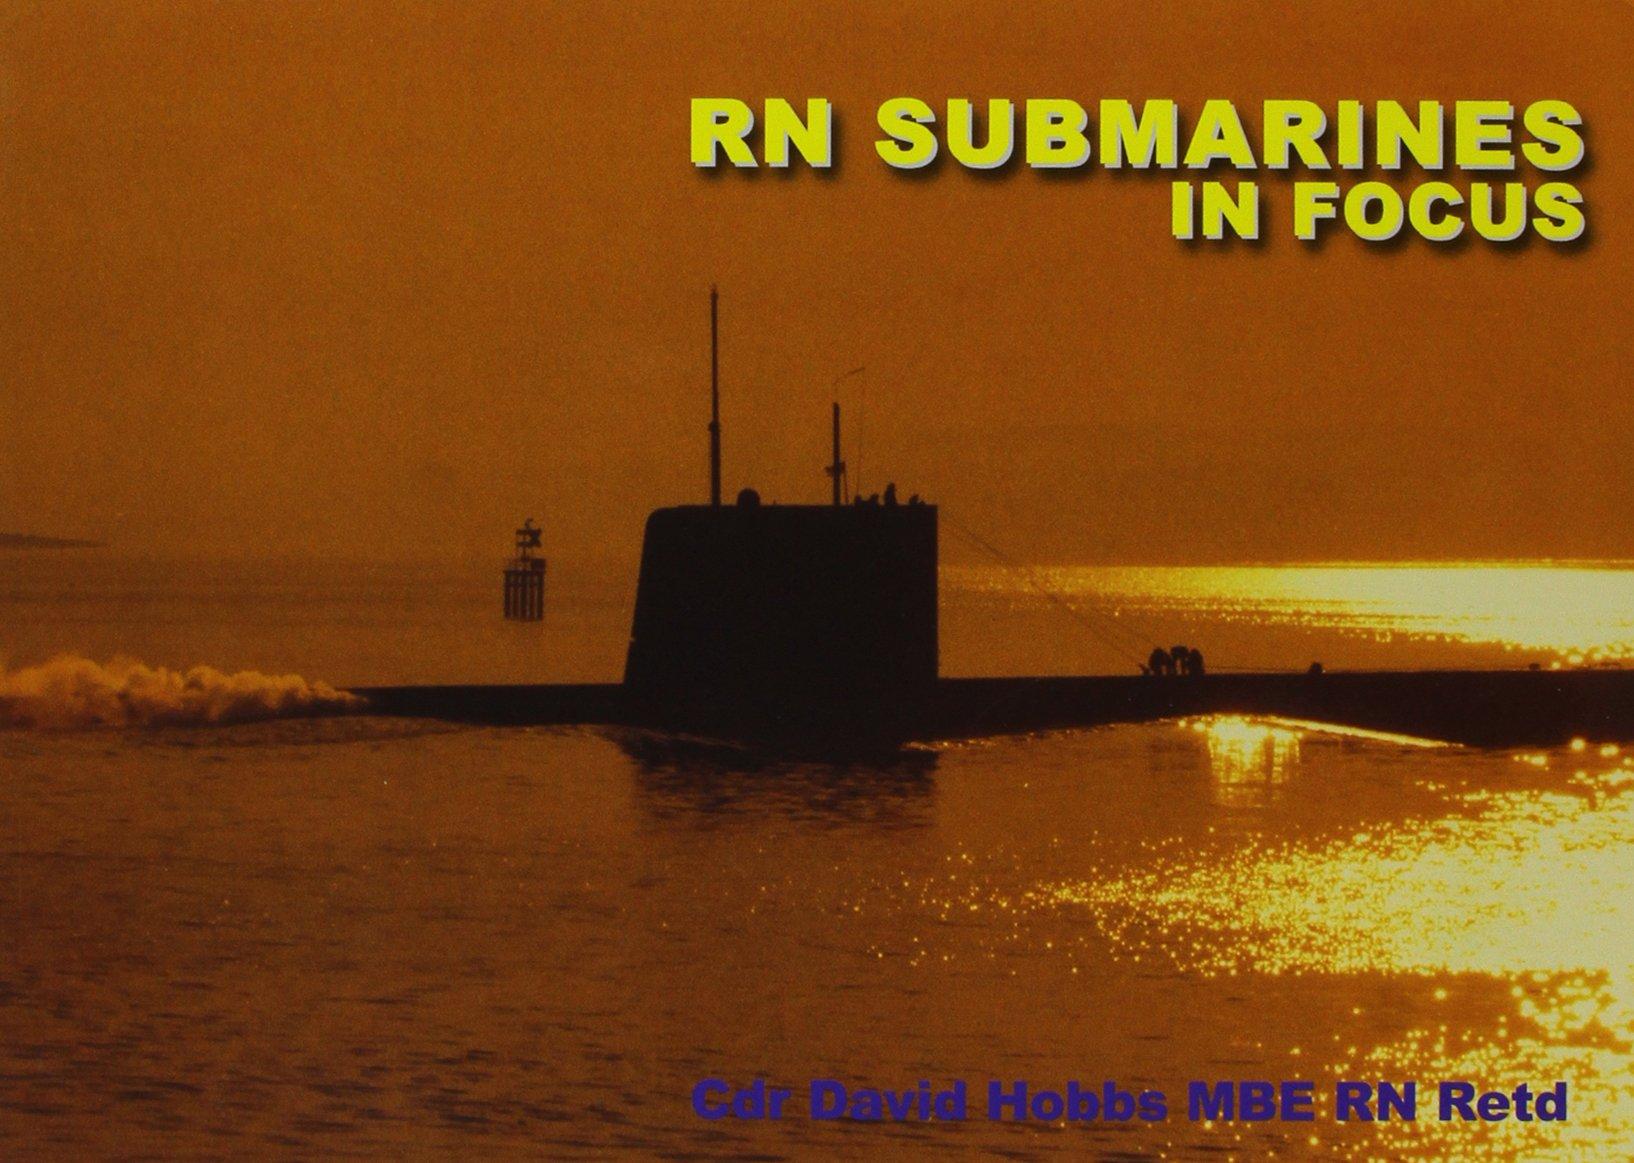 RN Submarines in Focus